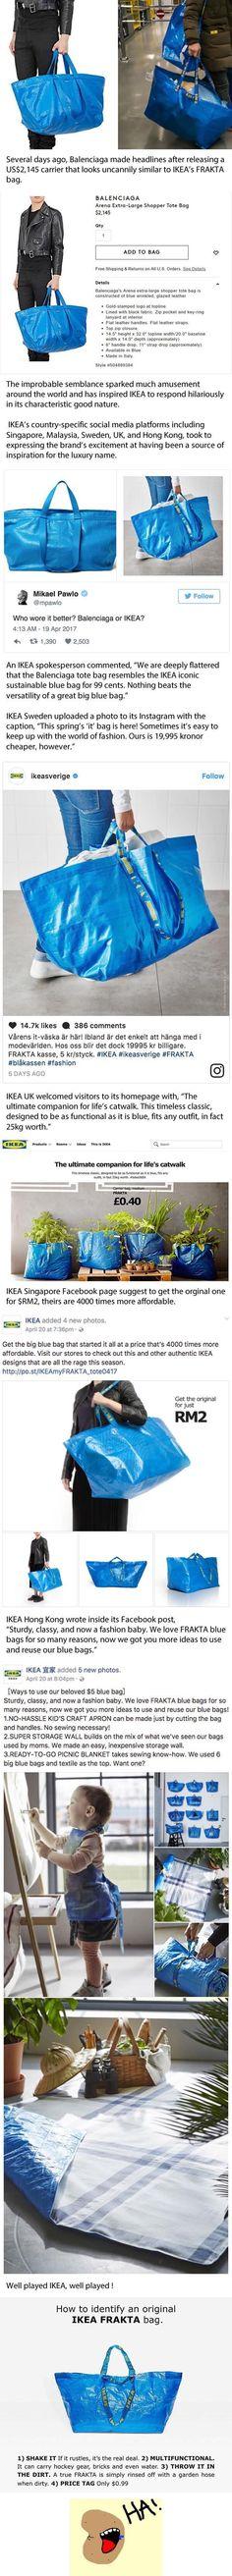 30+ mejores imágenes de Ikea | disenos de unas, ropa, niños